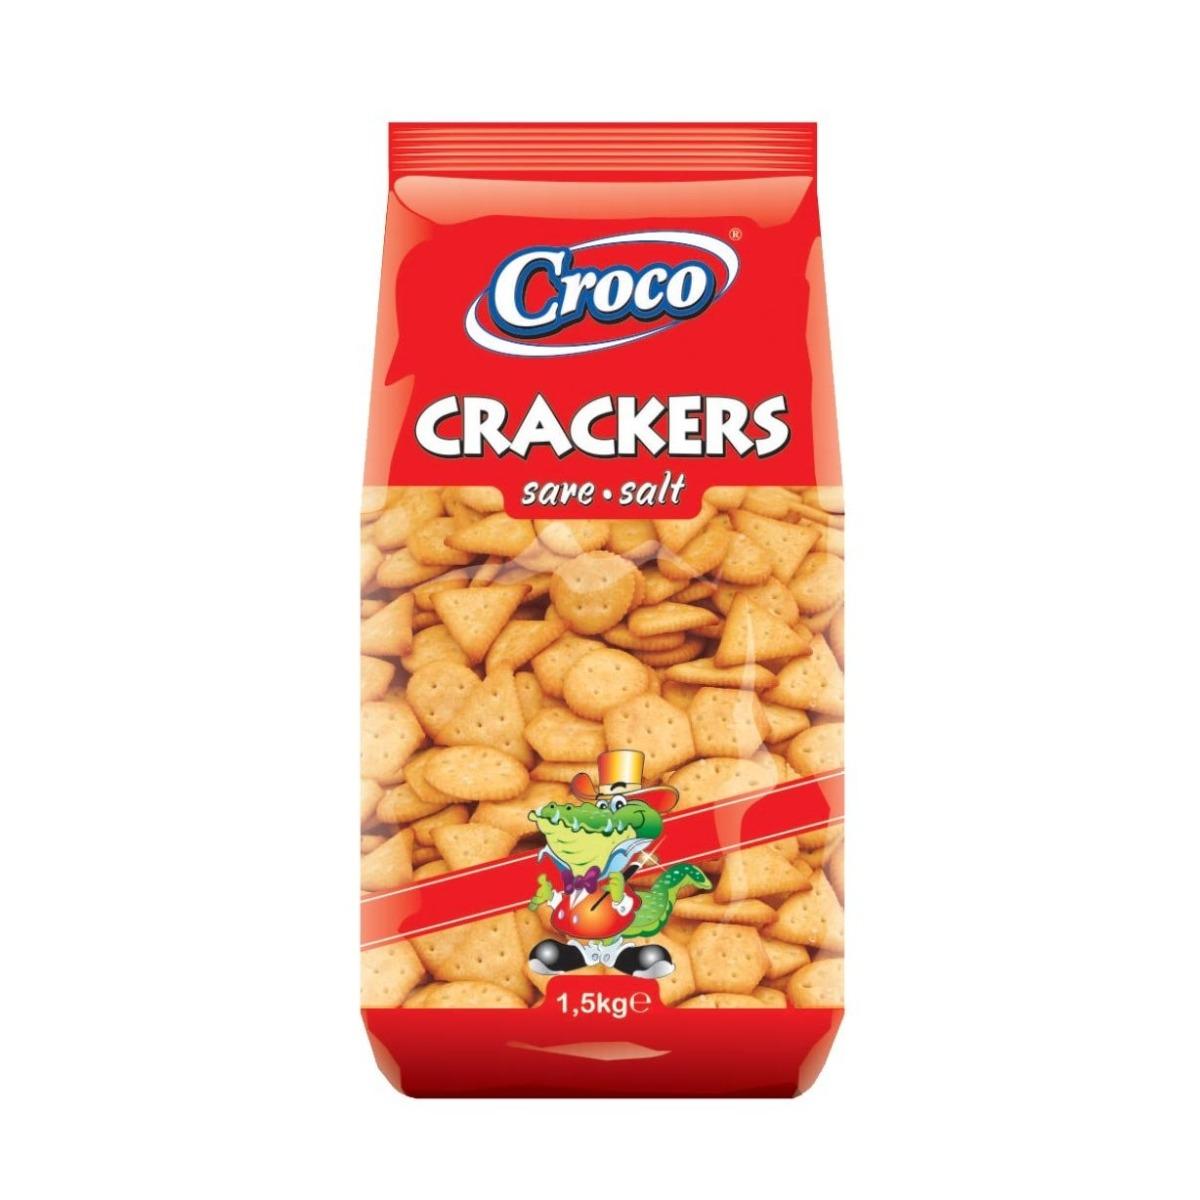 Biscuiti cu sare Croco Crackers, 1.5 kg imagine